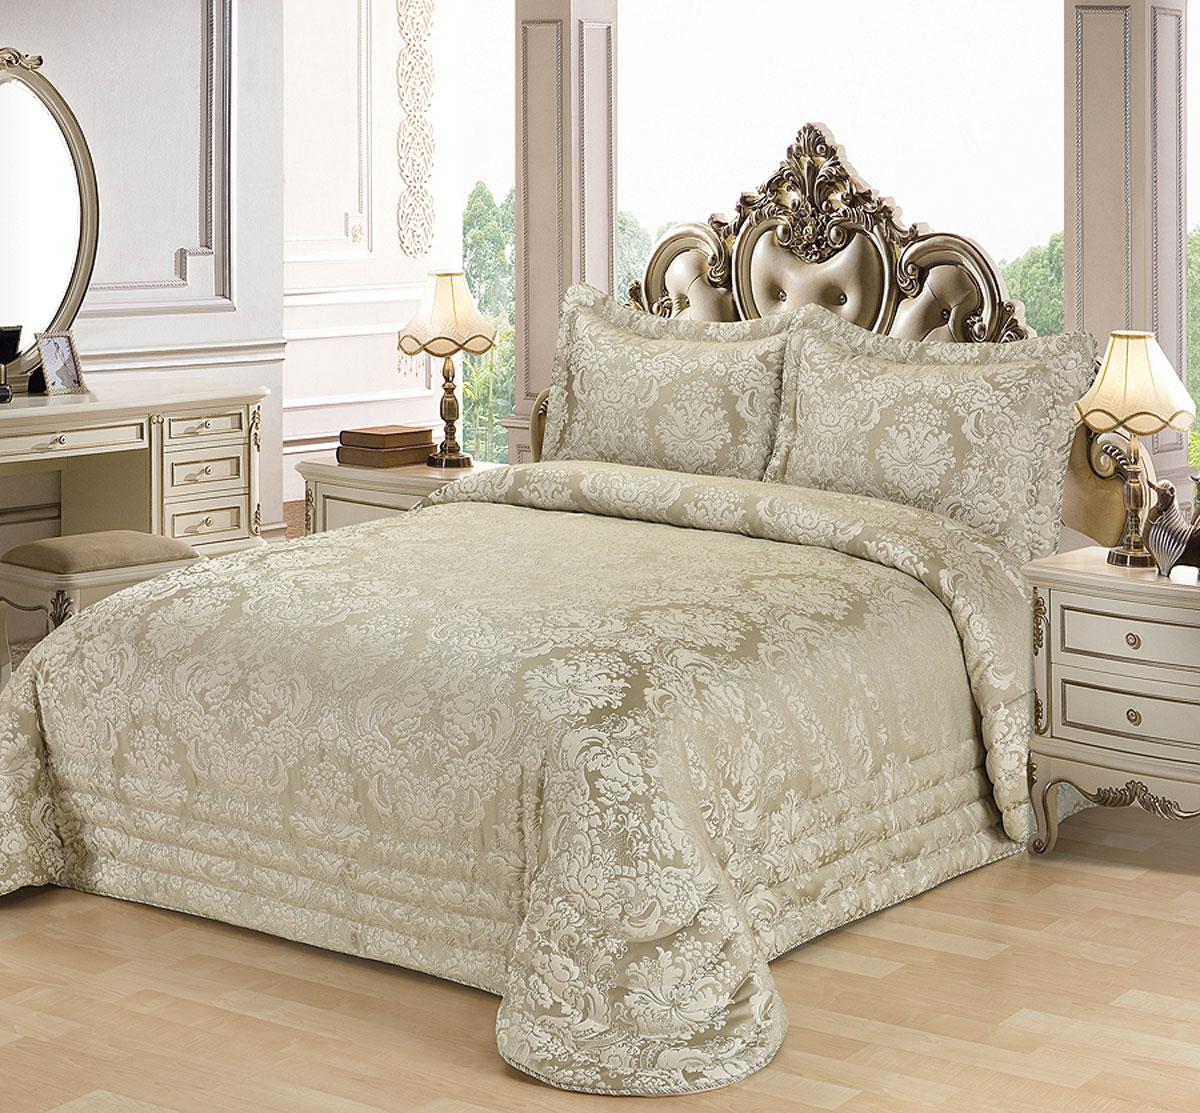 """Комплект для спальни Karna """"Evony"""", жаккард, покрывало 240 х 260 см, 2 наволочки 50 х 70 см, цвет: оливковый, 3 предмета"""